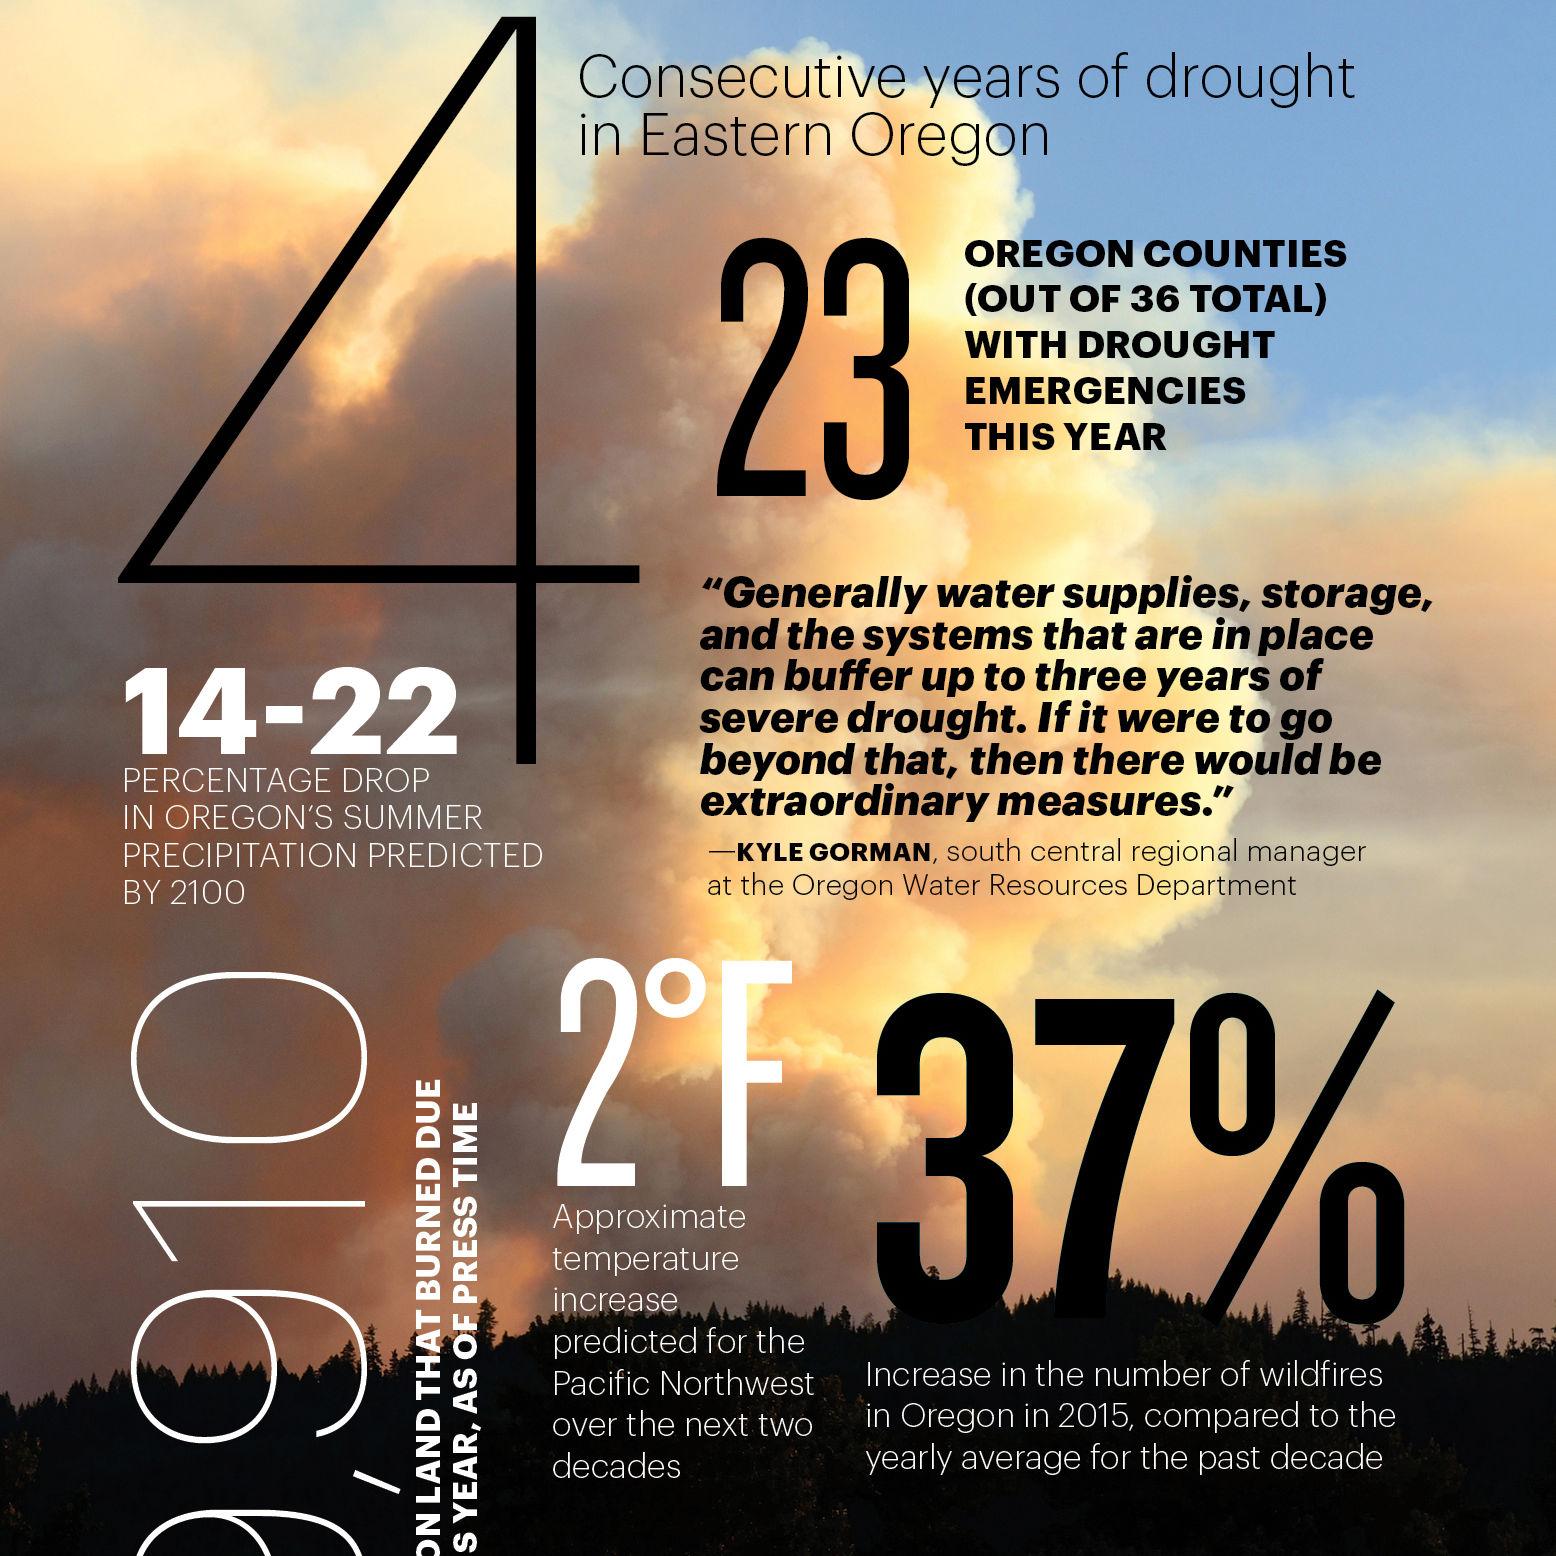 1015 drought f2su3h